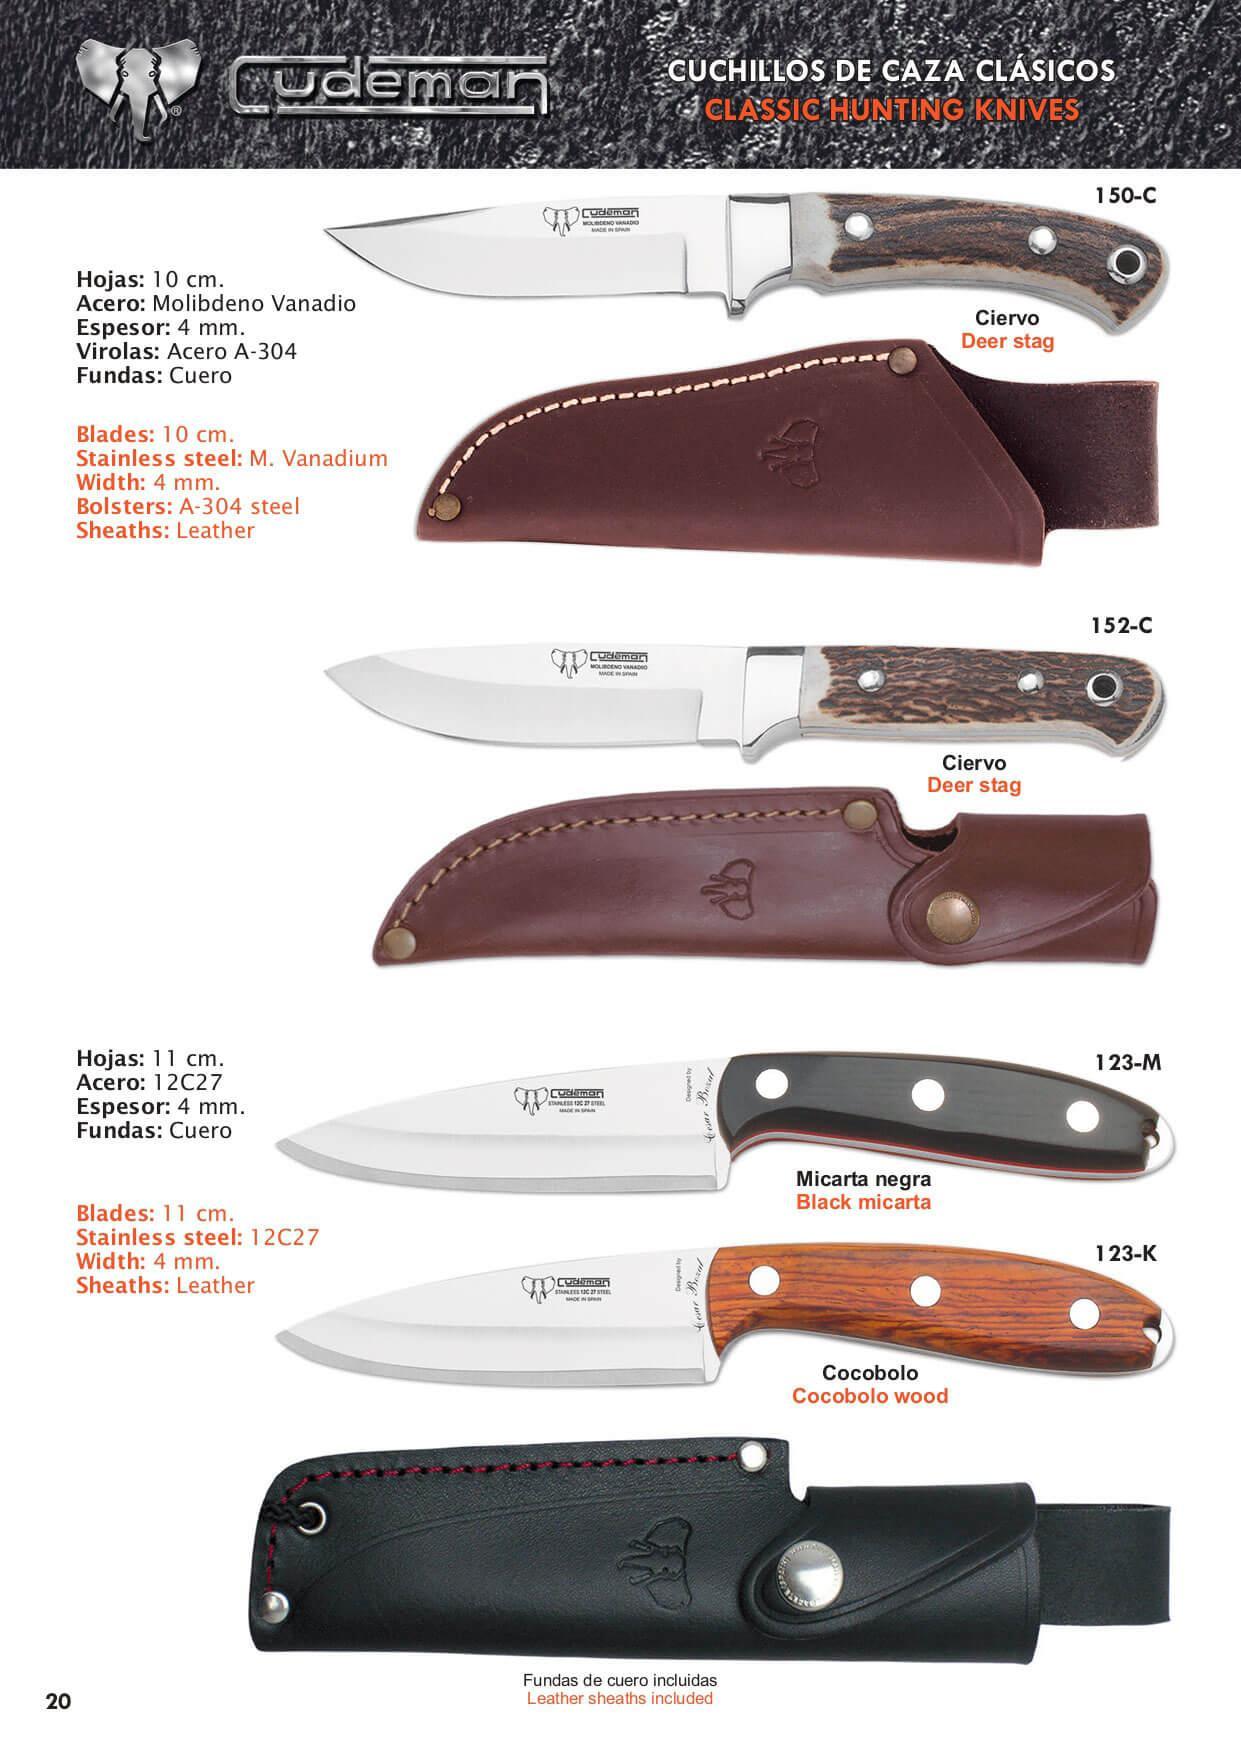 290 r cuchillos de caza cudeman cuchillos tacticos y for Clases de cuchillos de mesa